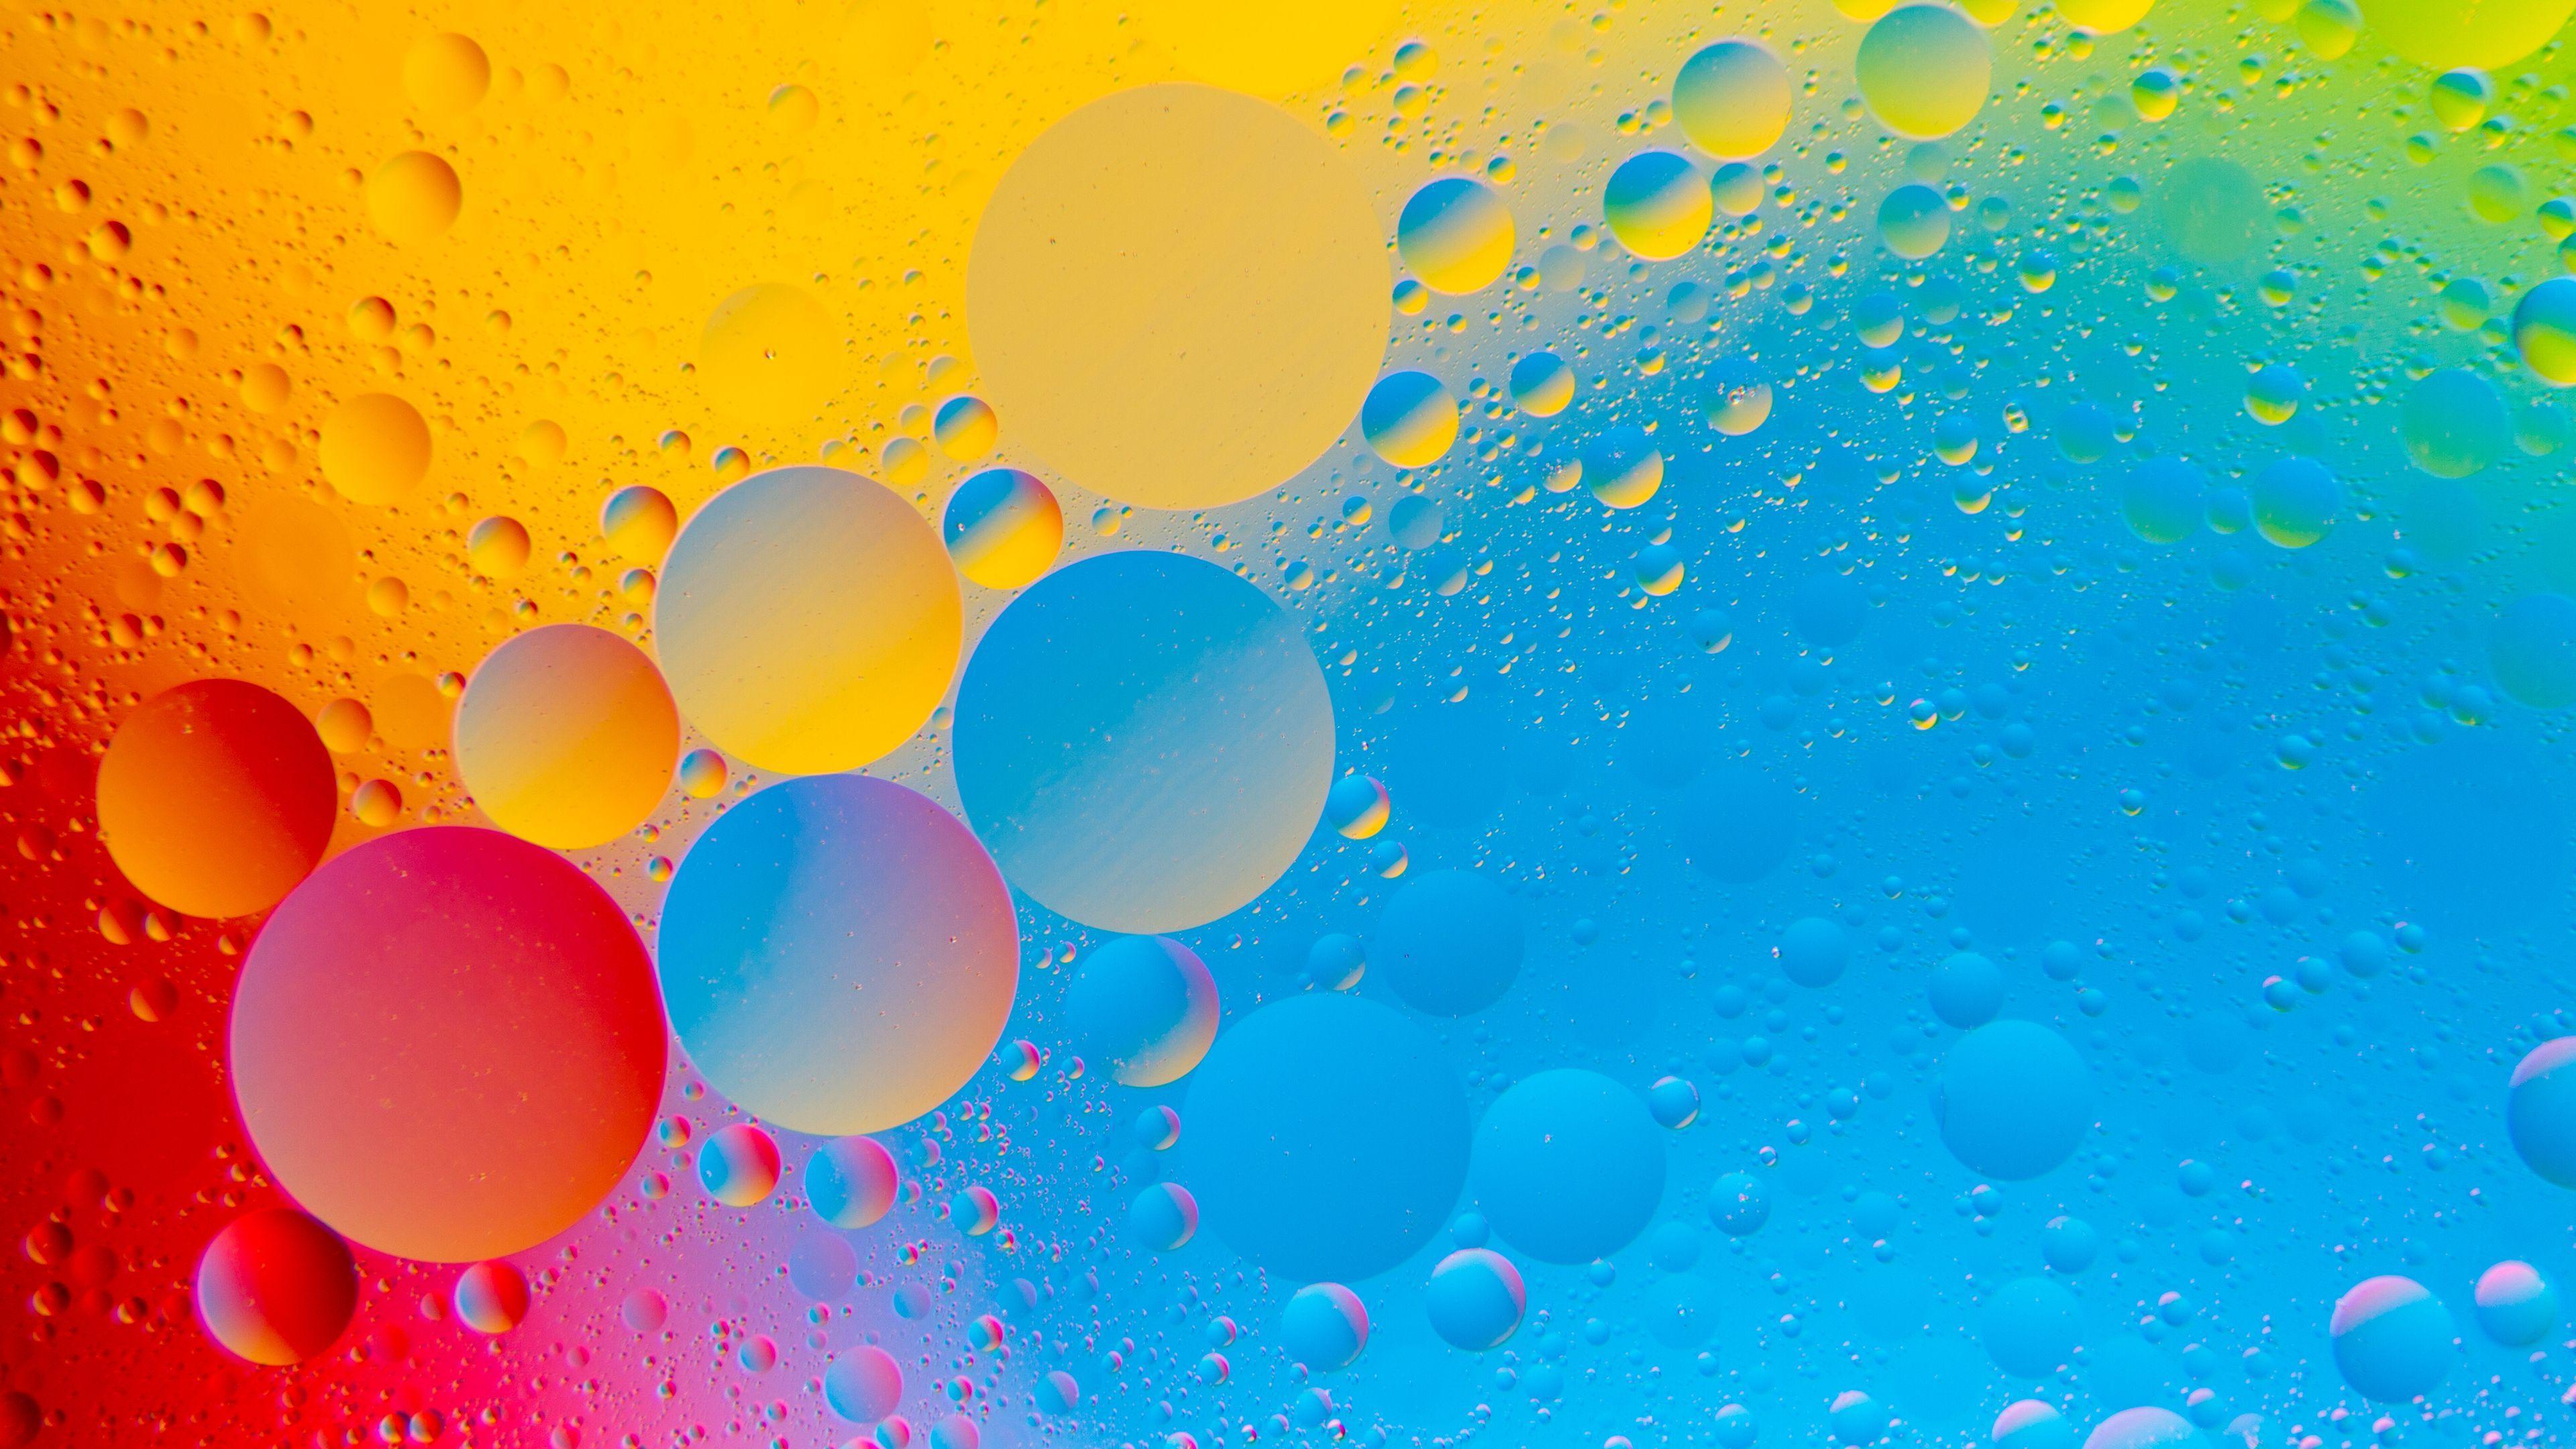 3840x2160 Bong bóng hình nền, Vòng tròn, Đầy màu sắc, 4K, Trừu tượng